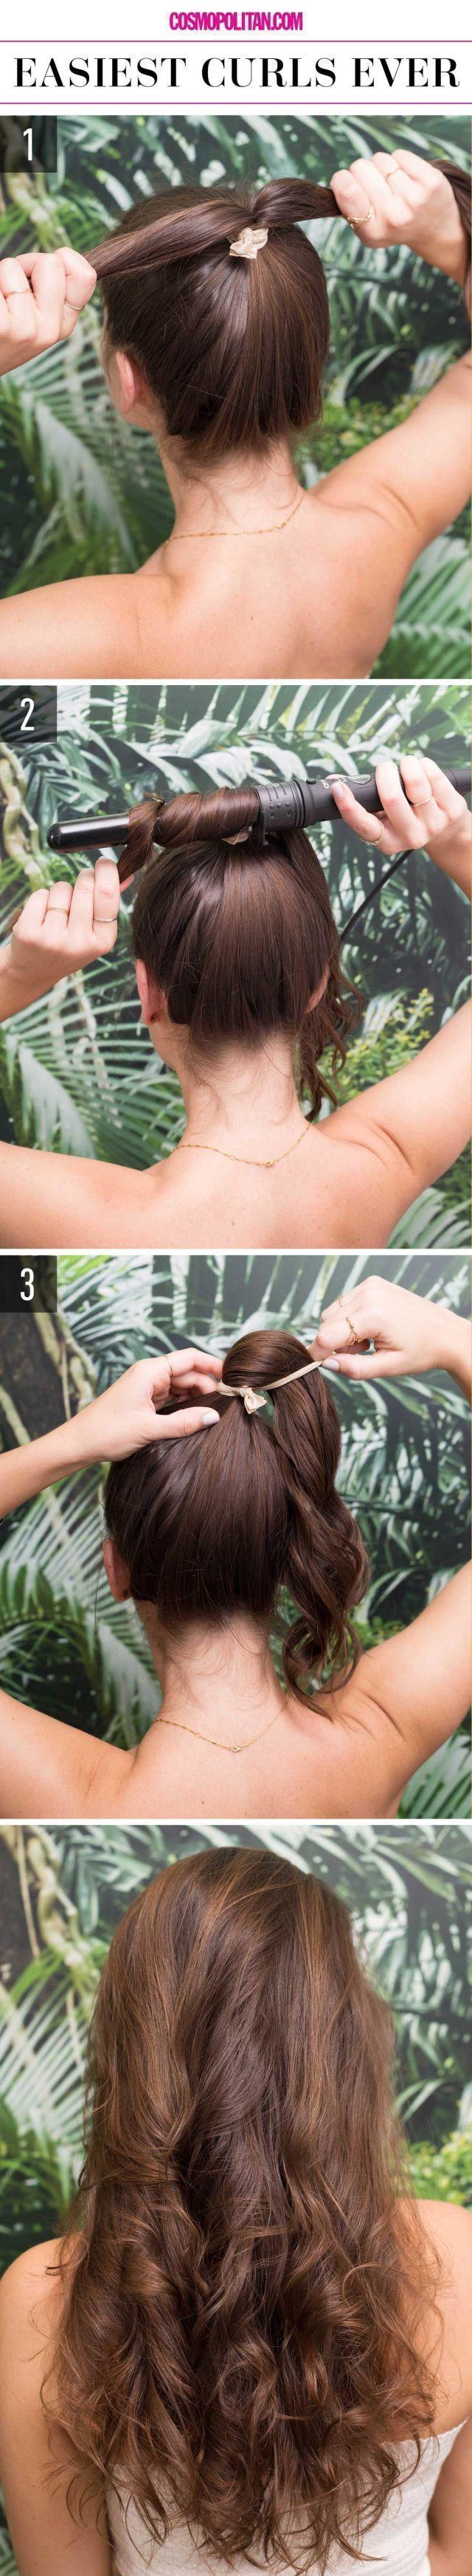 Der schnellste und einfachste Weg, um Ihr Haar zu locken.